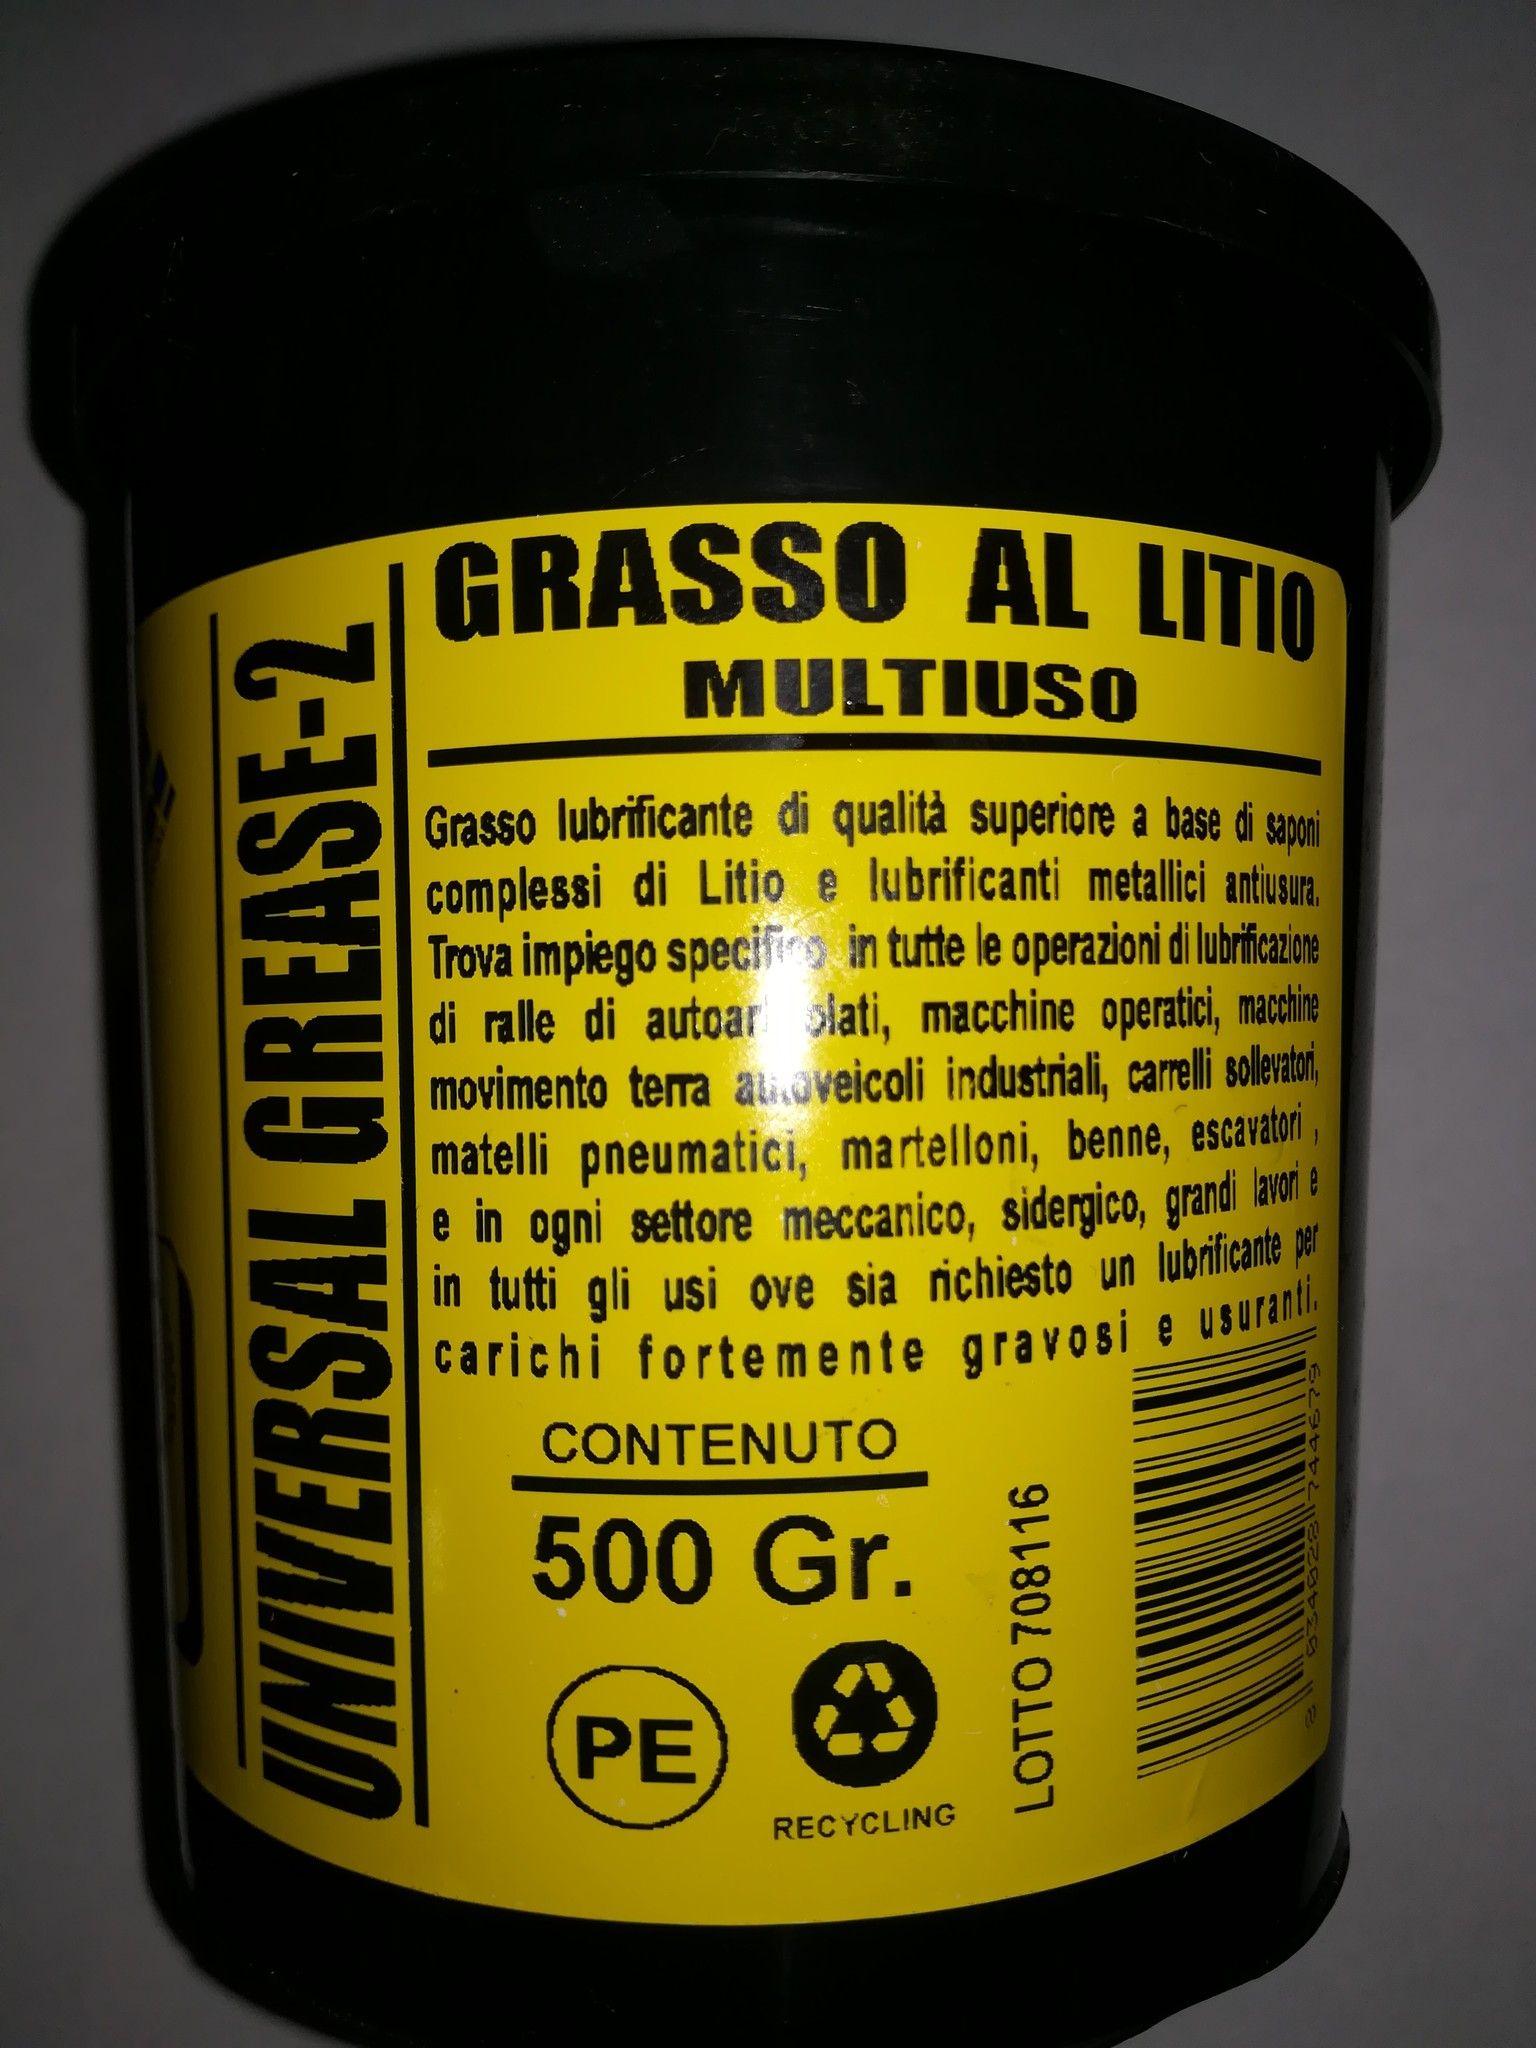 Grasso al litio multiuso gr 500 UNIVERSAL GR-2